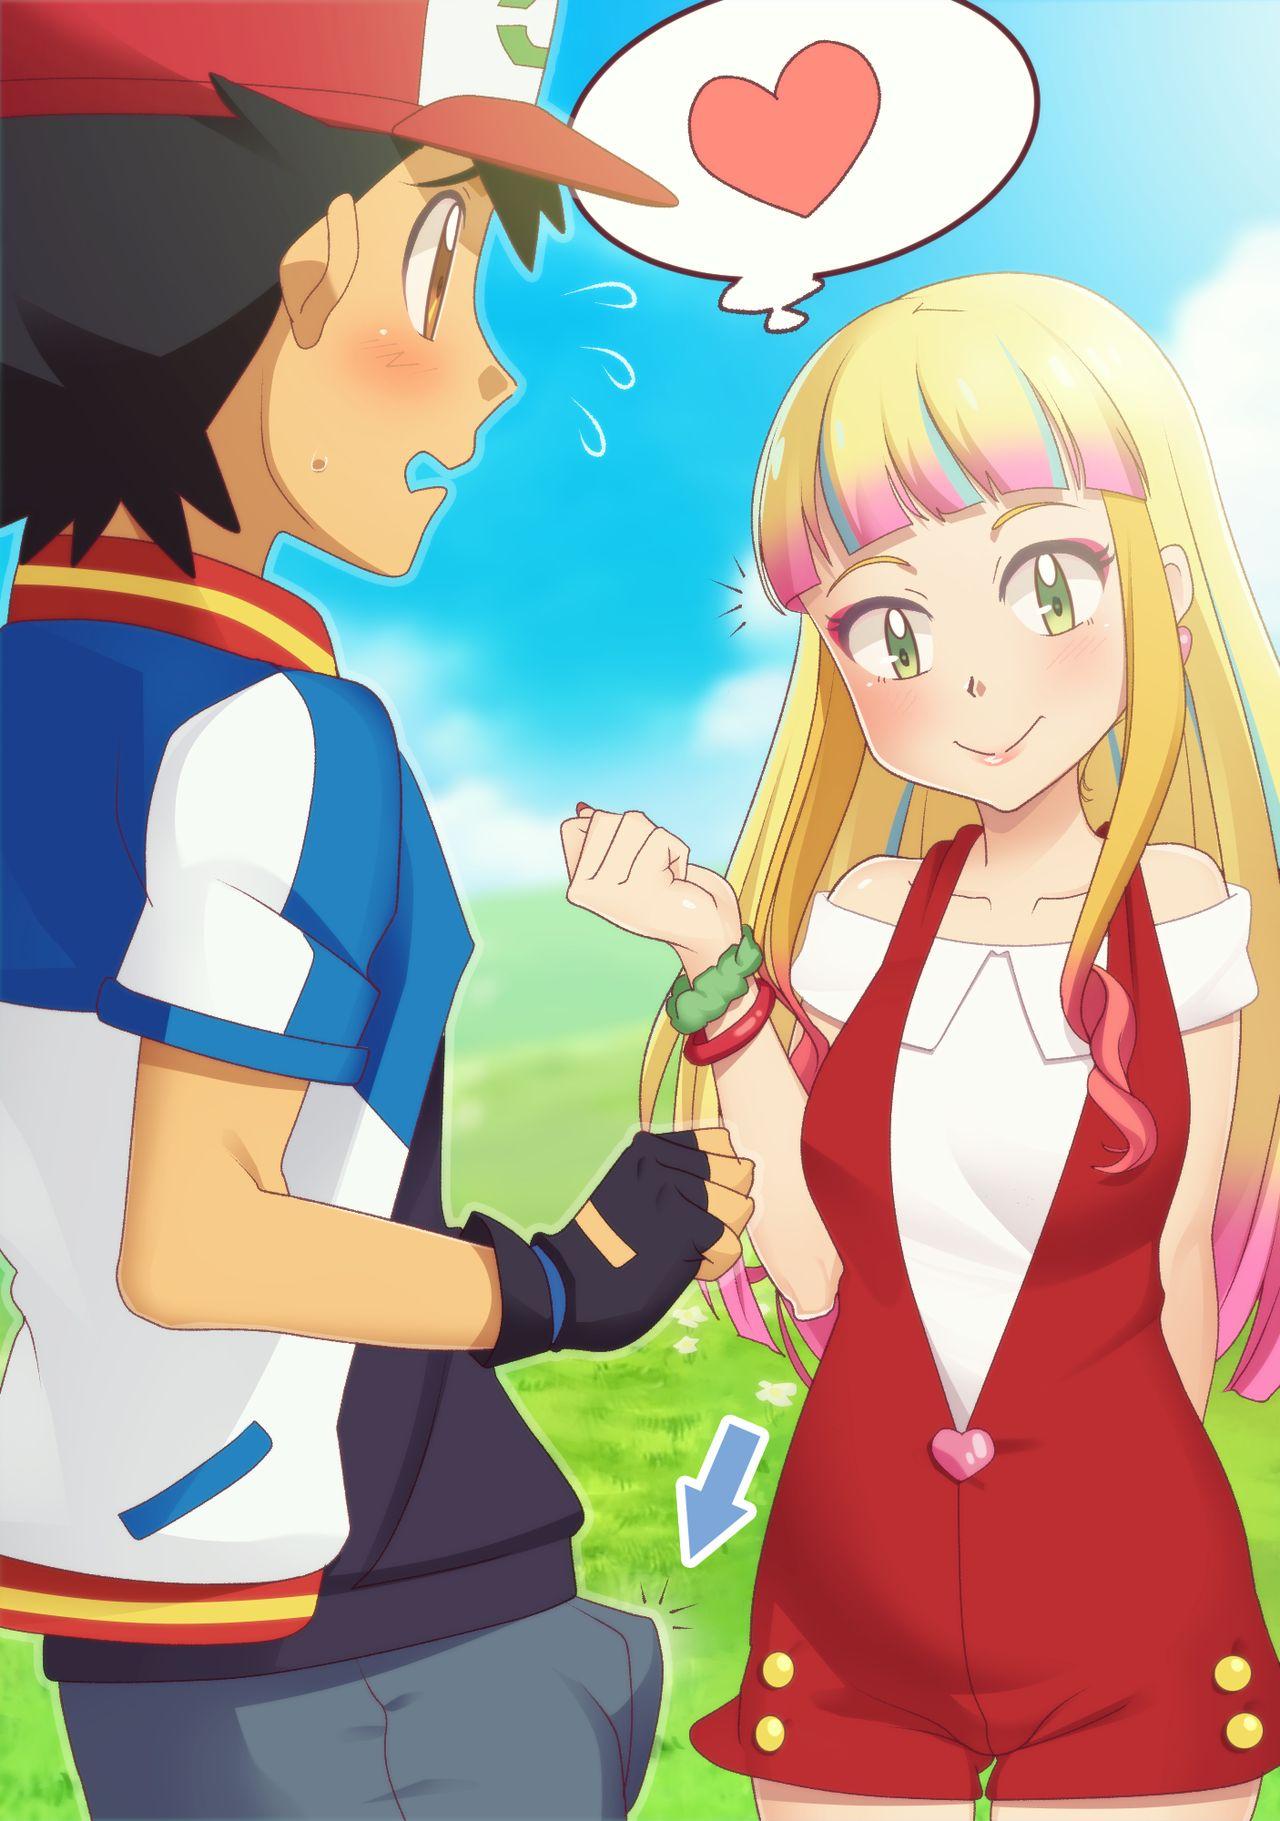 Gazing Eye - Lisa and Satoshi (Pokemon) porn comic